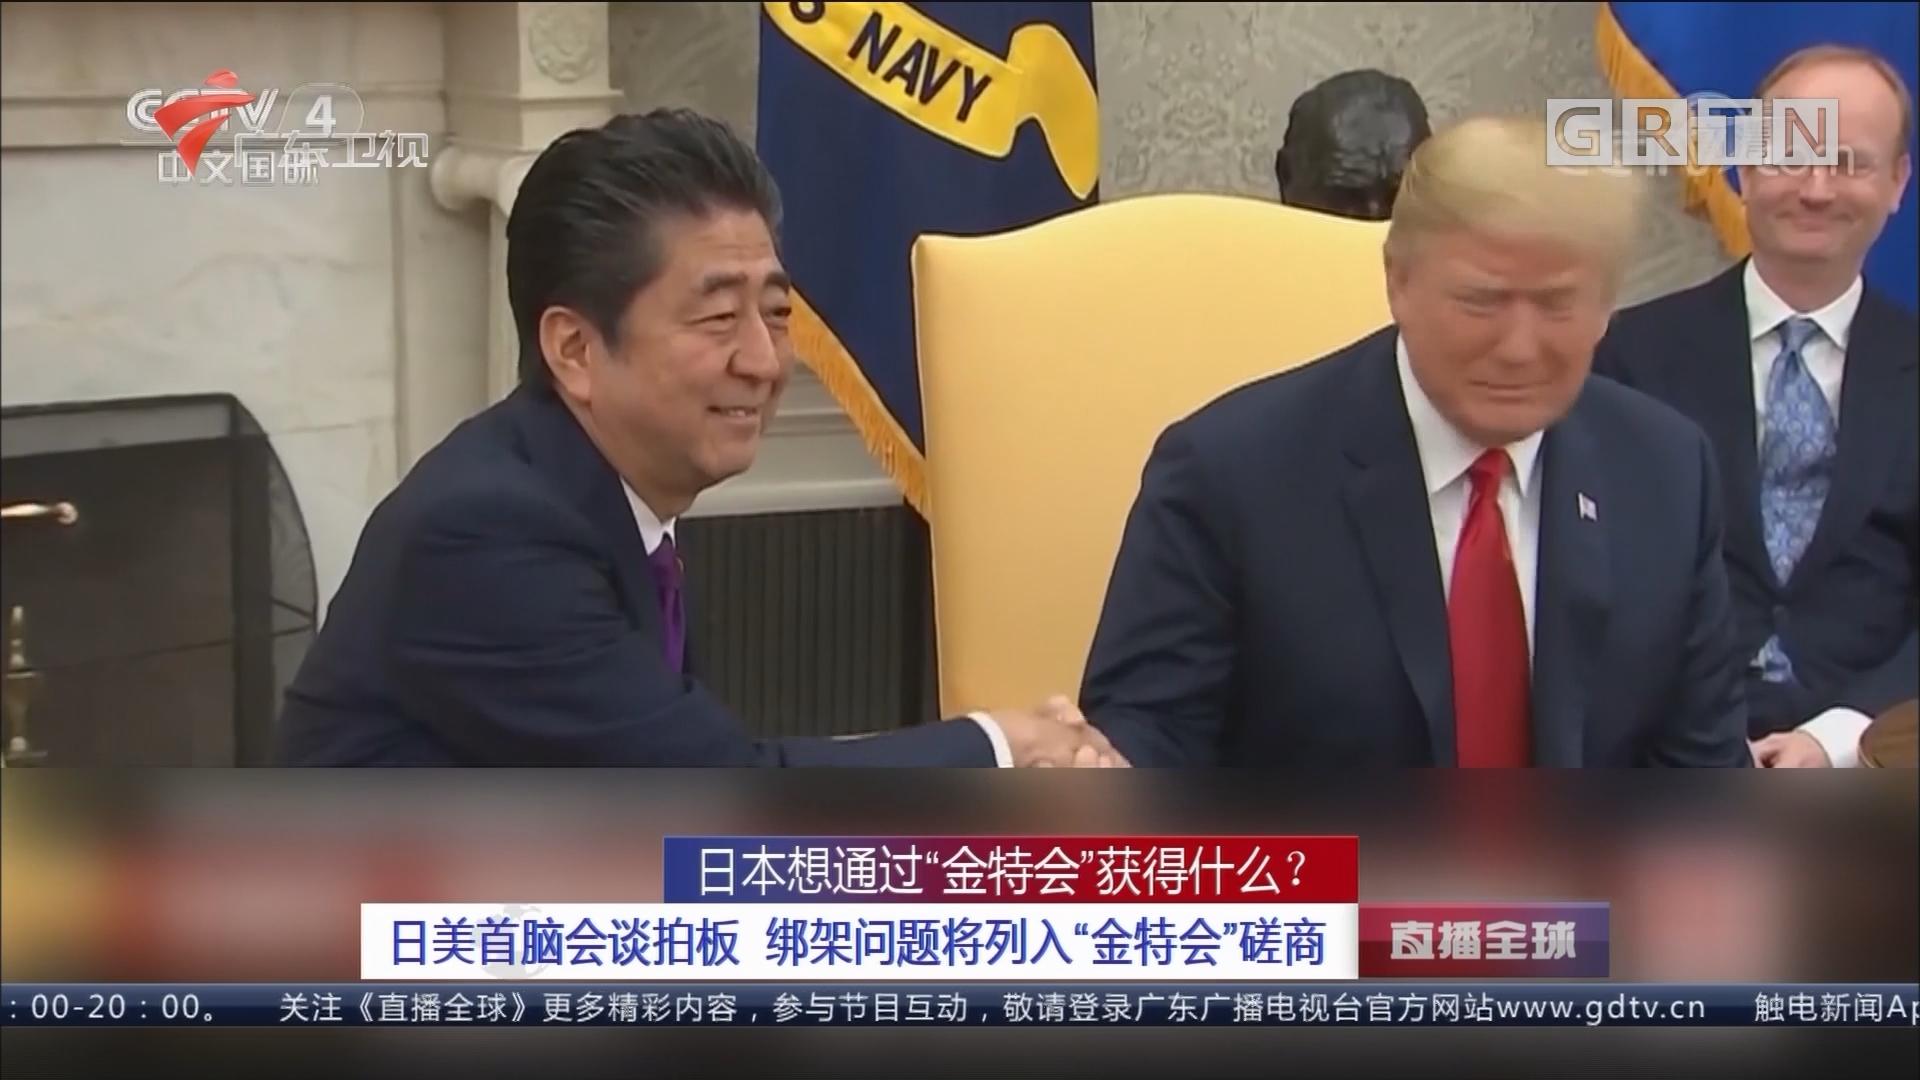 """日本想通过""""金特会""""获得什么? 日美首脑会谈拍板 绑架问题将列入""""金特会""""磋商"""